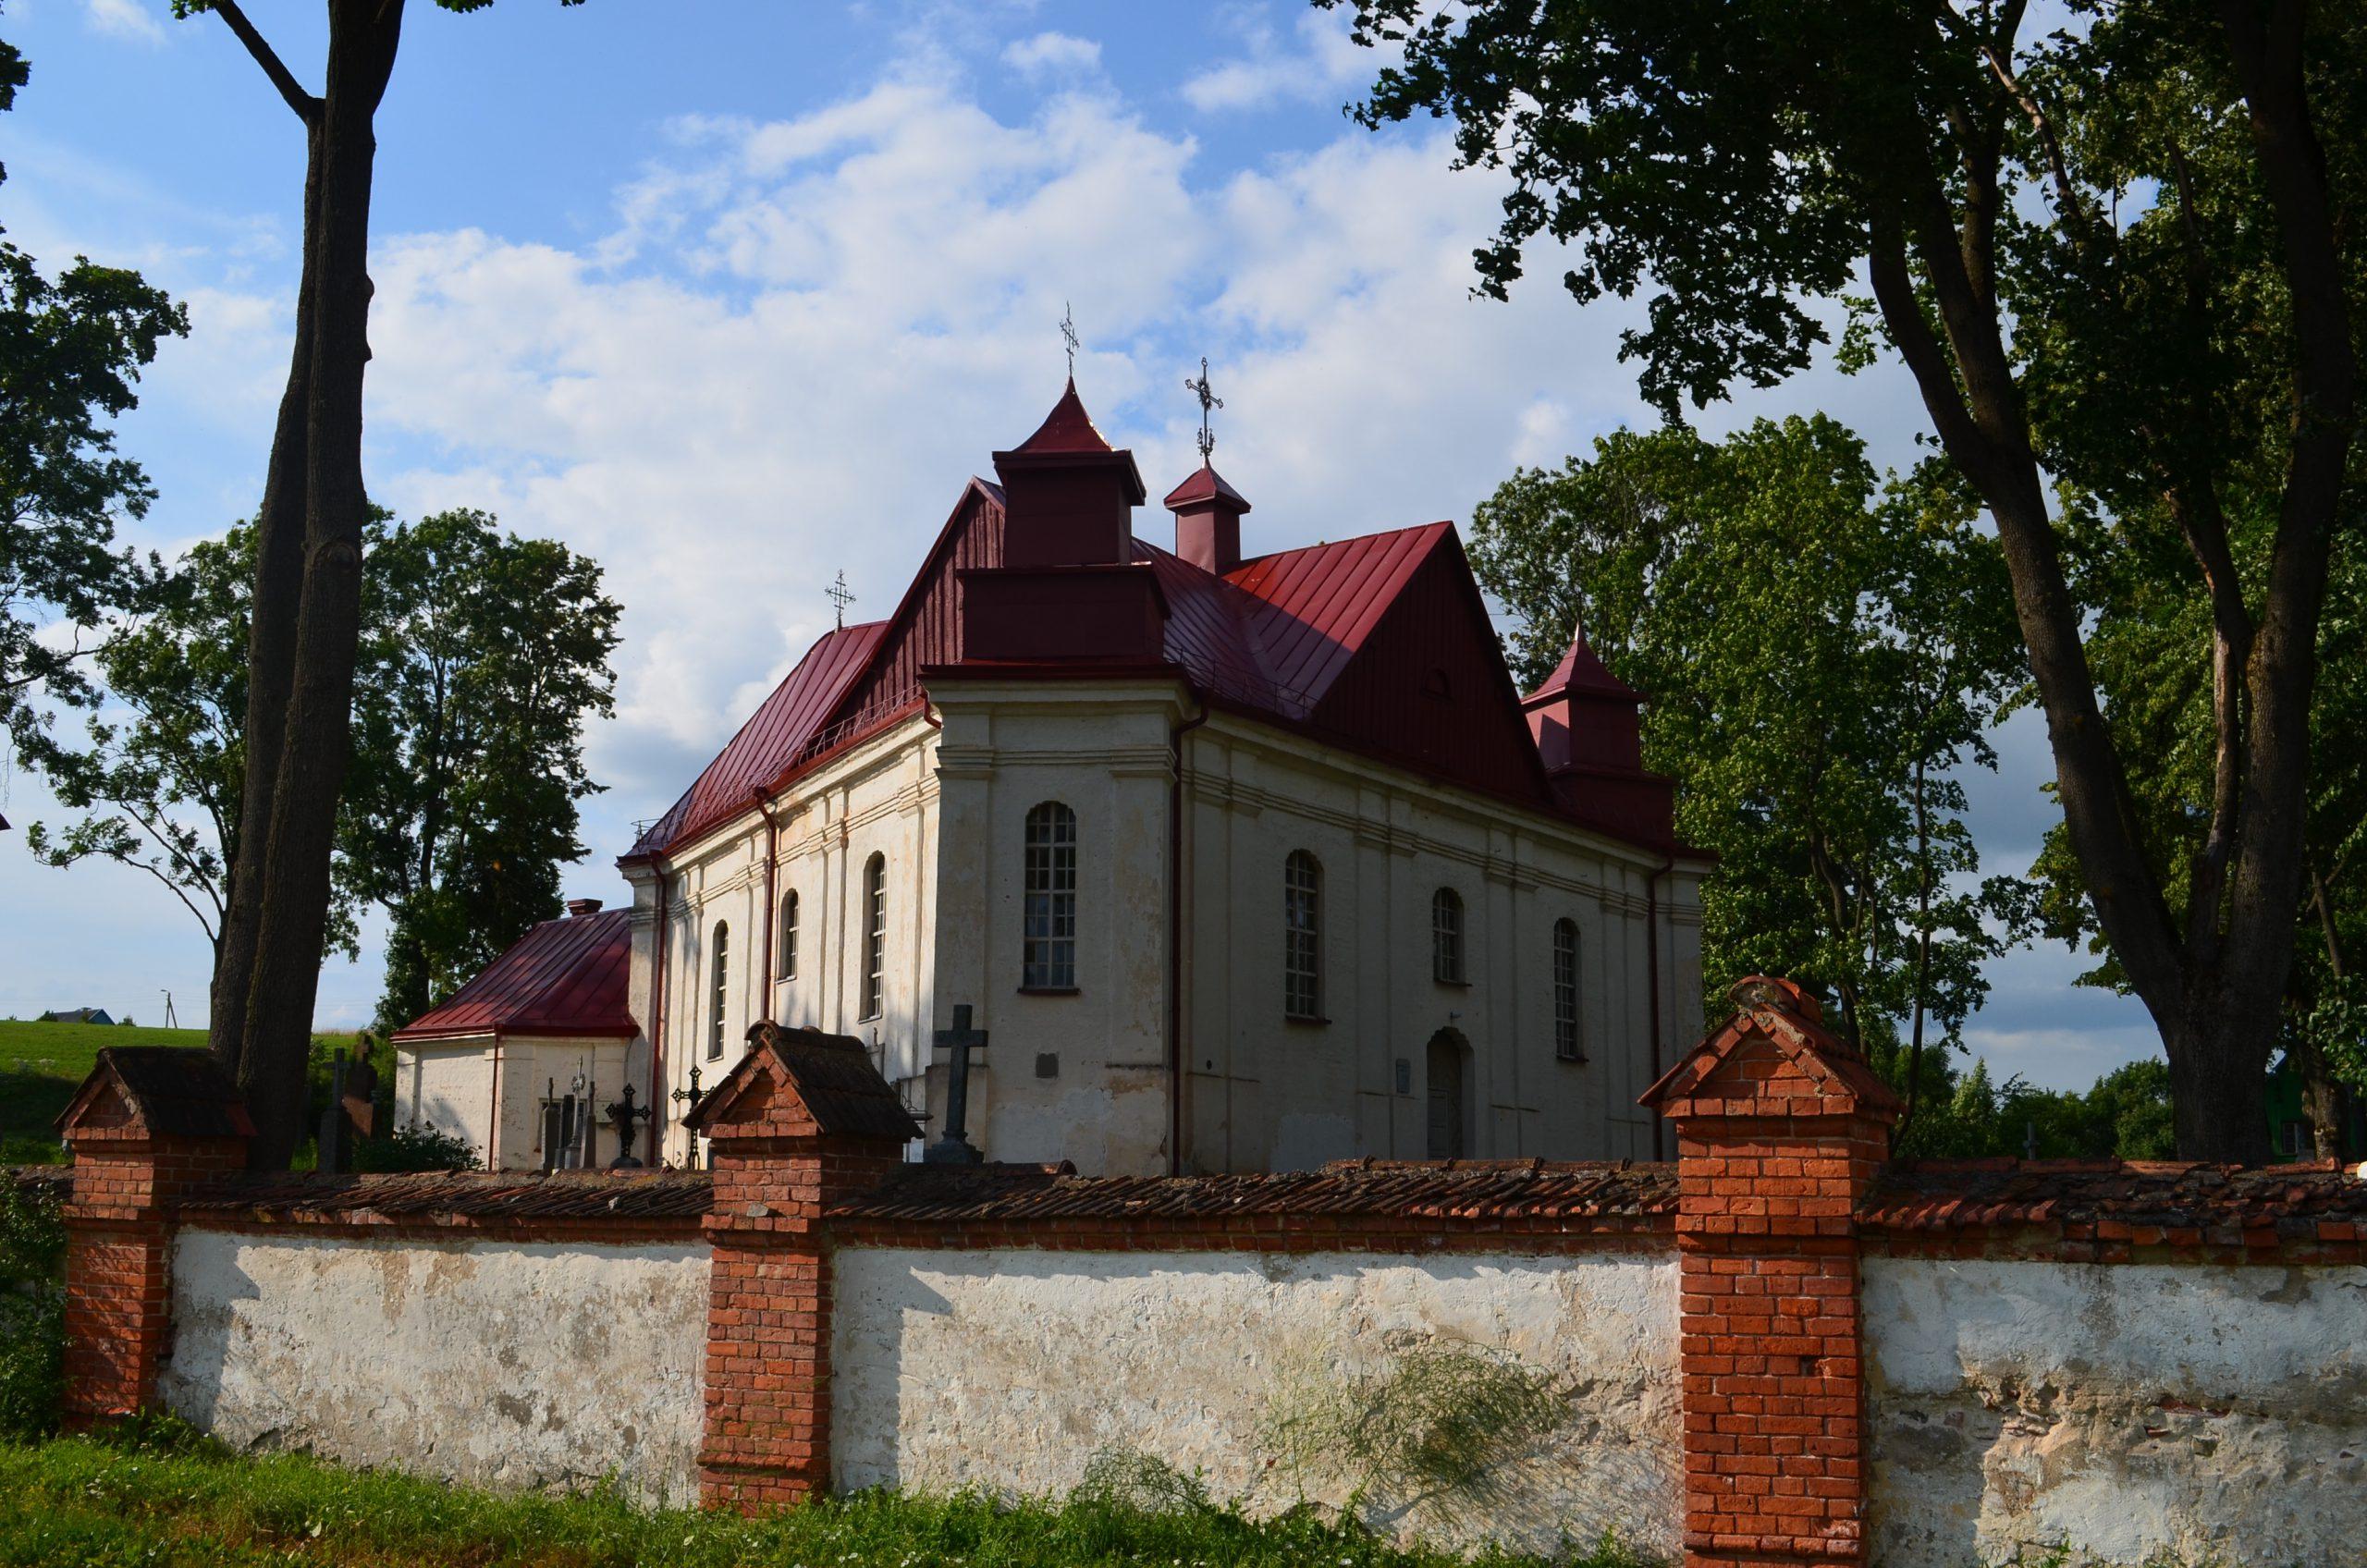 Panevėžiuko Nukryžiuotojo Jėzaus bažnyčia